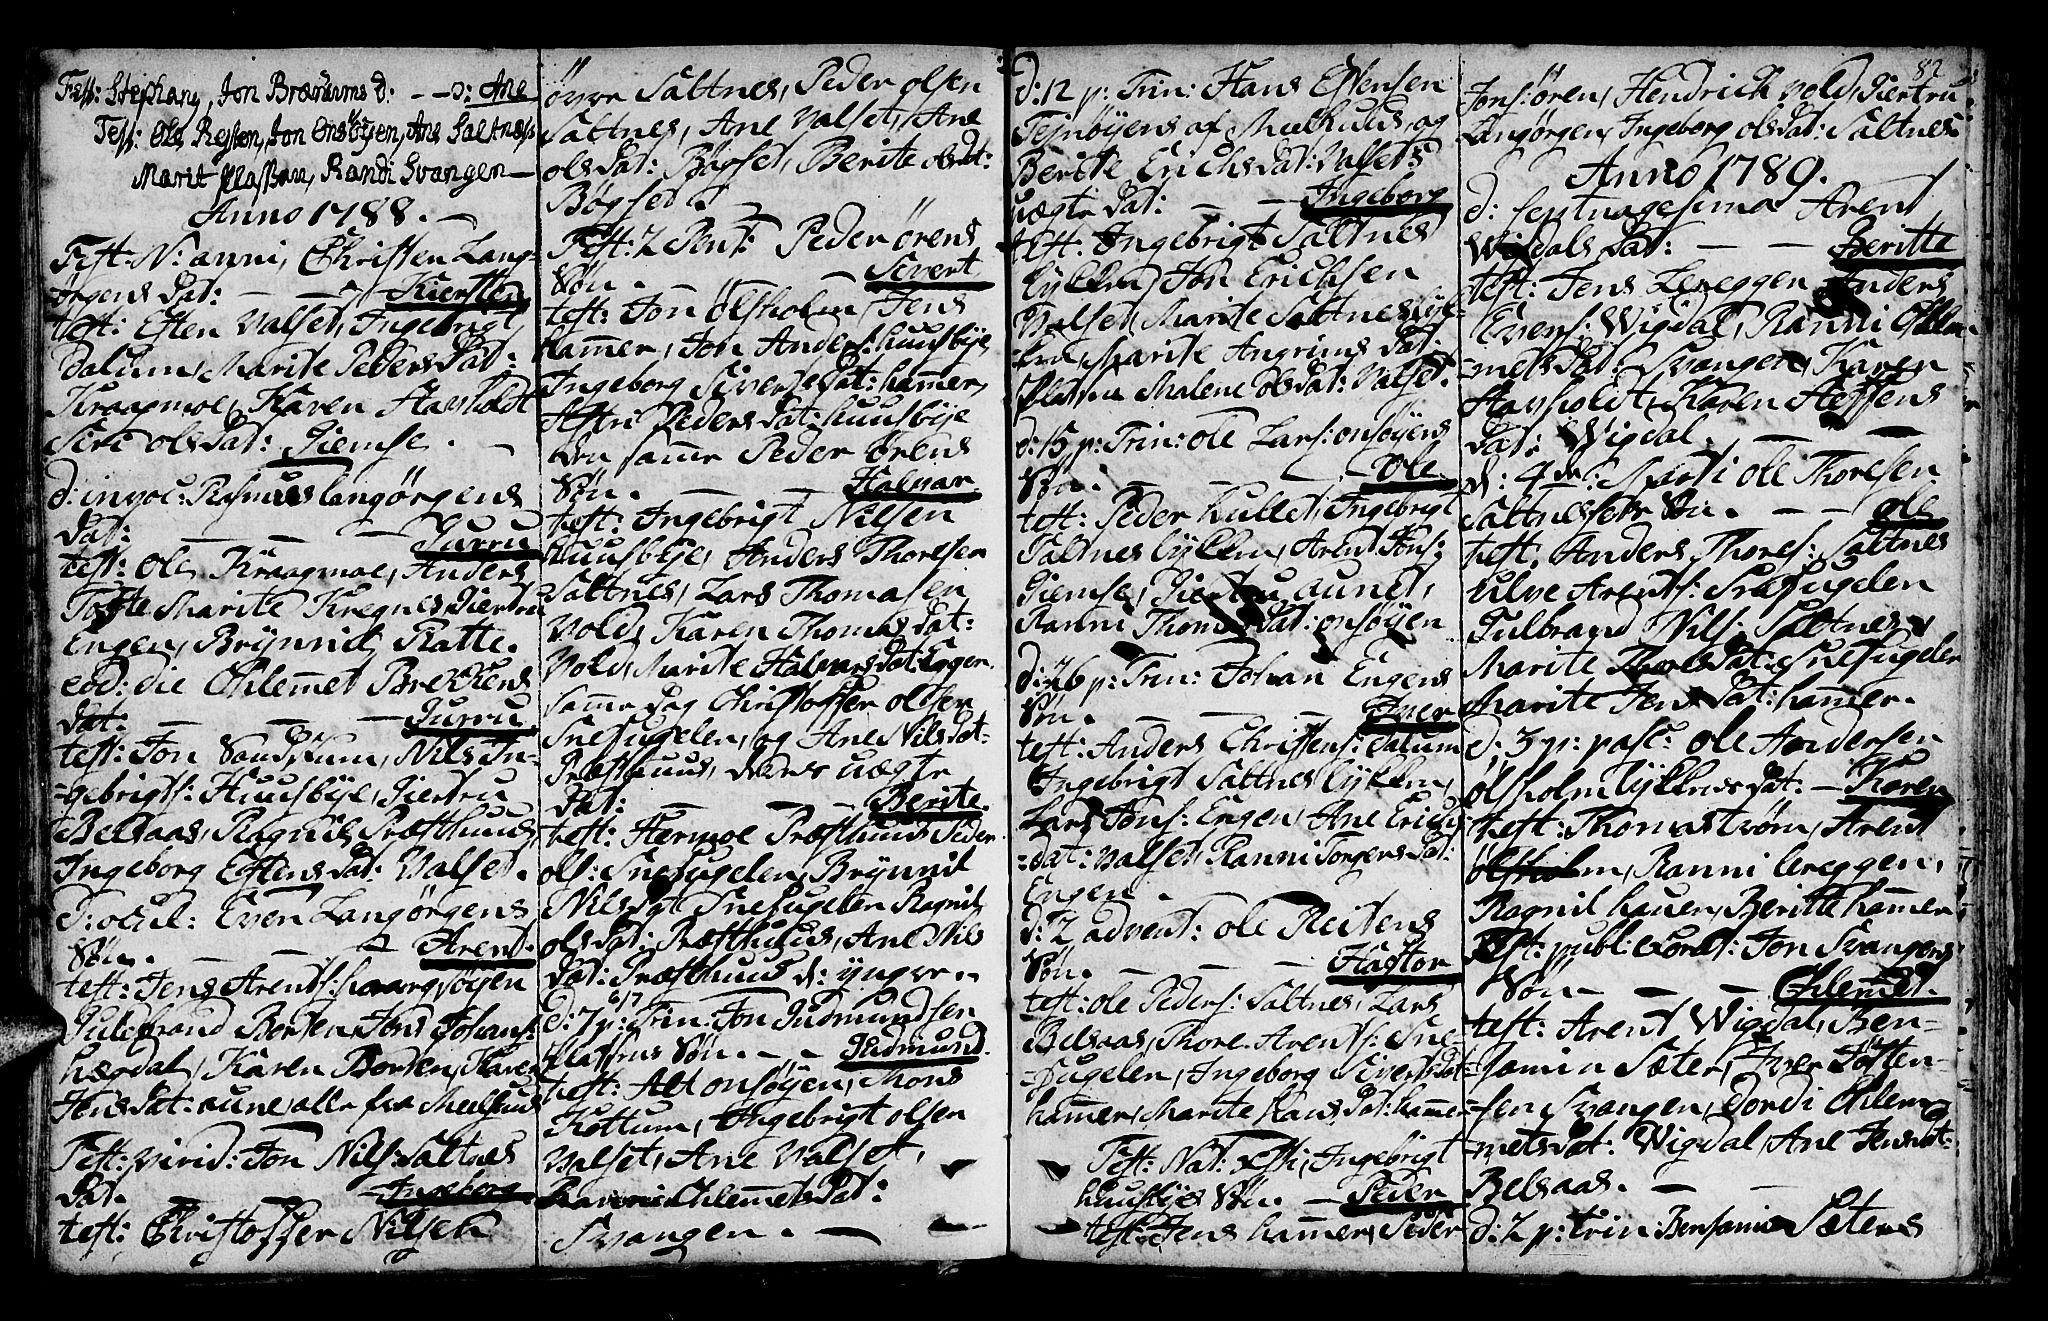 SAT, Ministerialprotokoller, klokkerbøker og fødselsregistre - Sør-Trøndelag, 666/L0784: Ministerialbok nr. 666A02, 1754-1802, s. 82